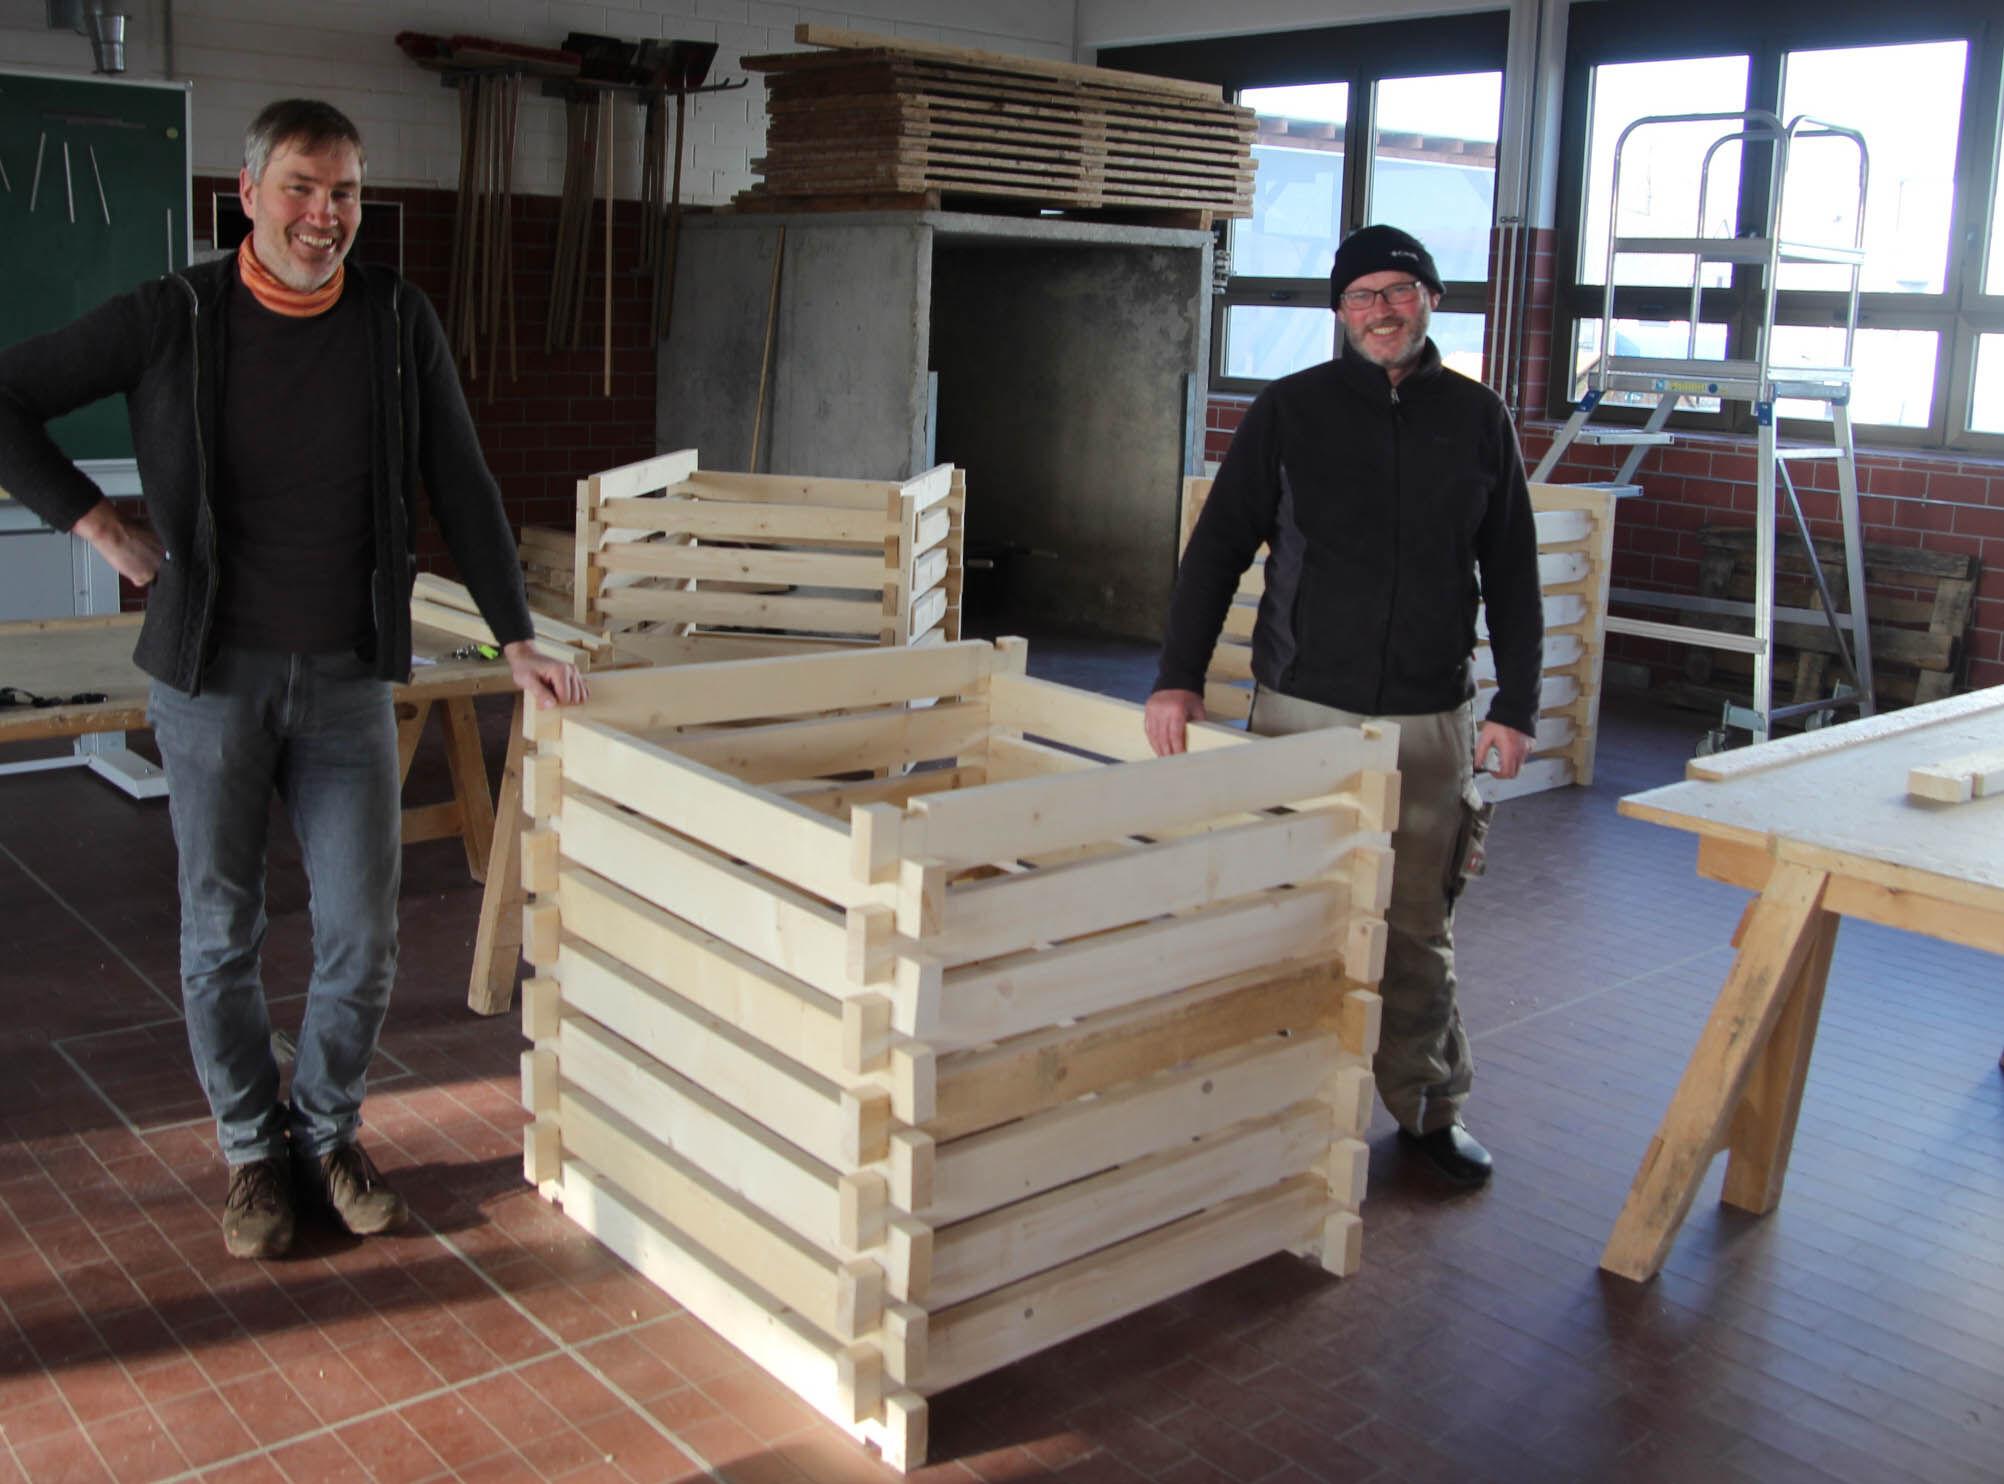 Der Zuschnitt der Holzteile erfolgt durch die Berufsintegrationsklasse der Staatlichen Berufsschule Lichtenfels in der Lichtenfels Mainau unter Anleit